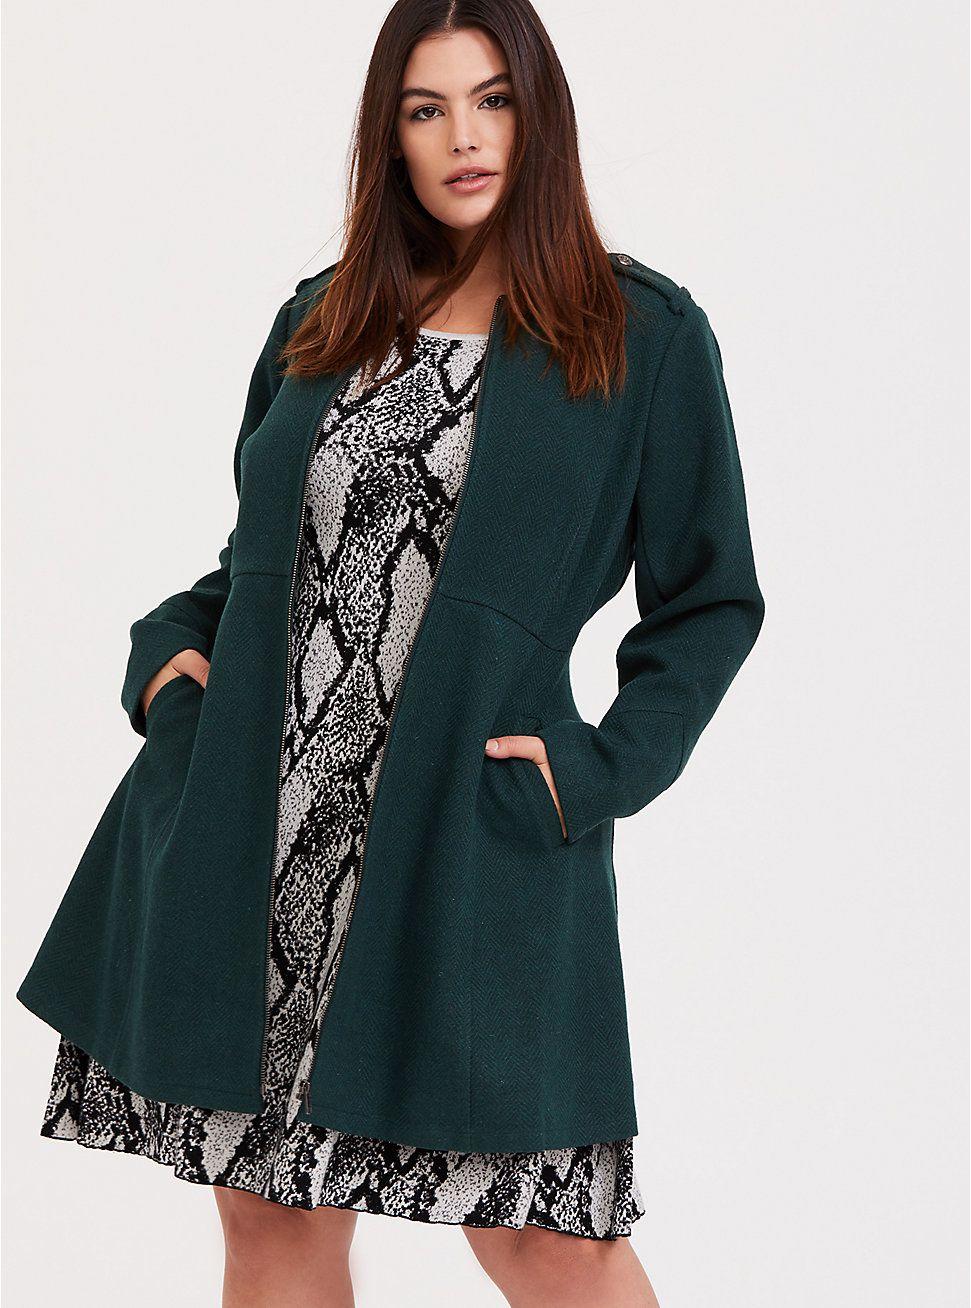 Xswsy XG Women Casual Long Wool Blend Coats Winter Button Closure Outwear